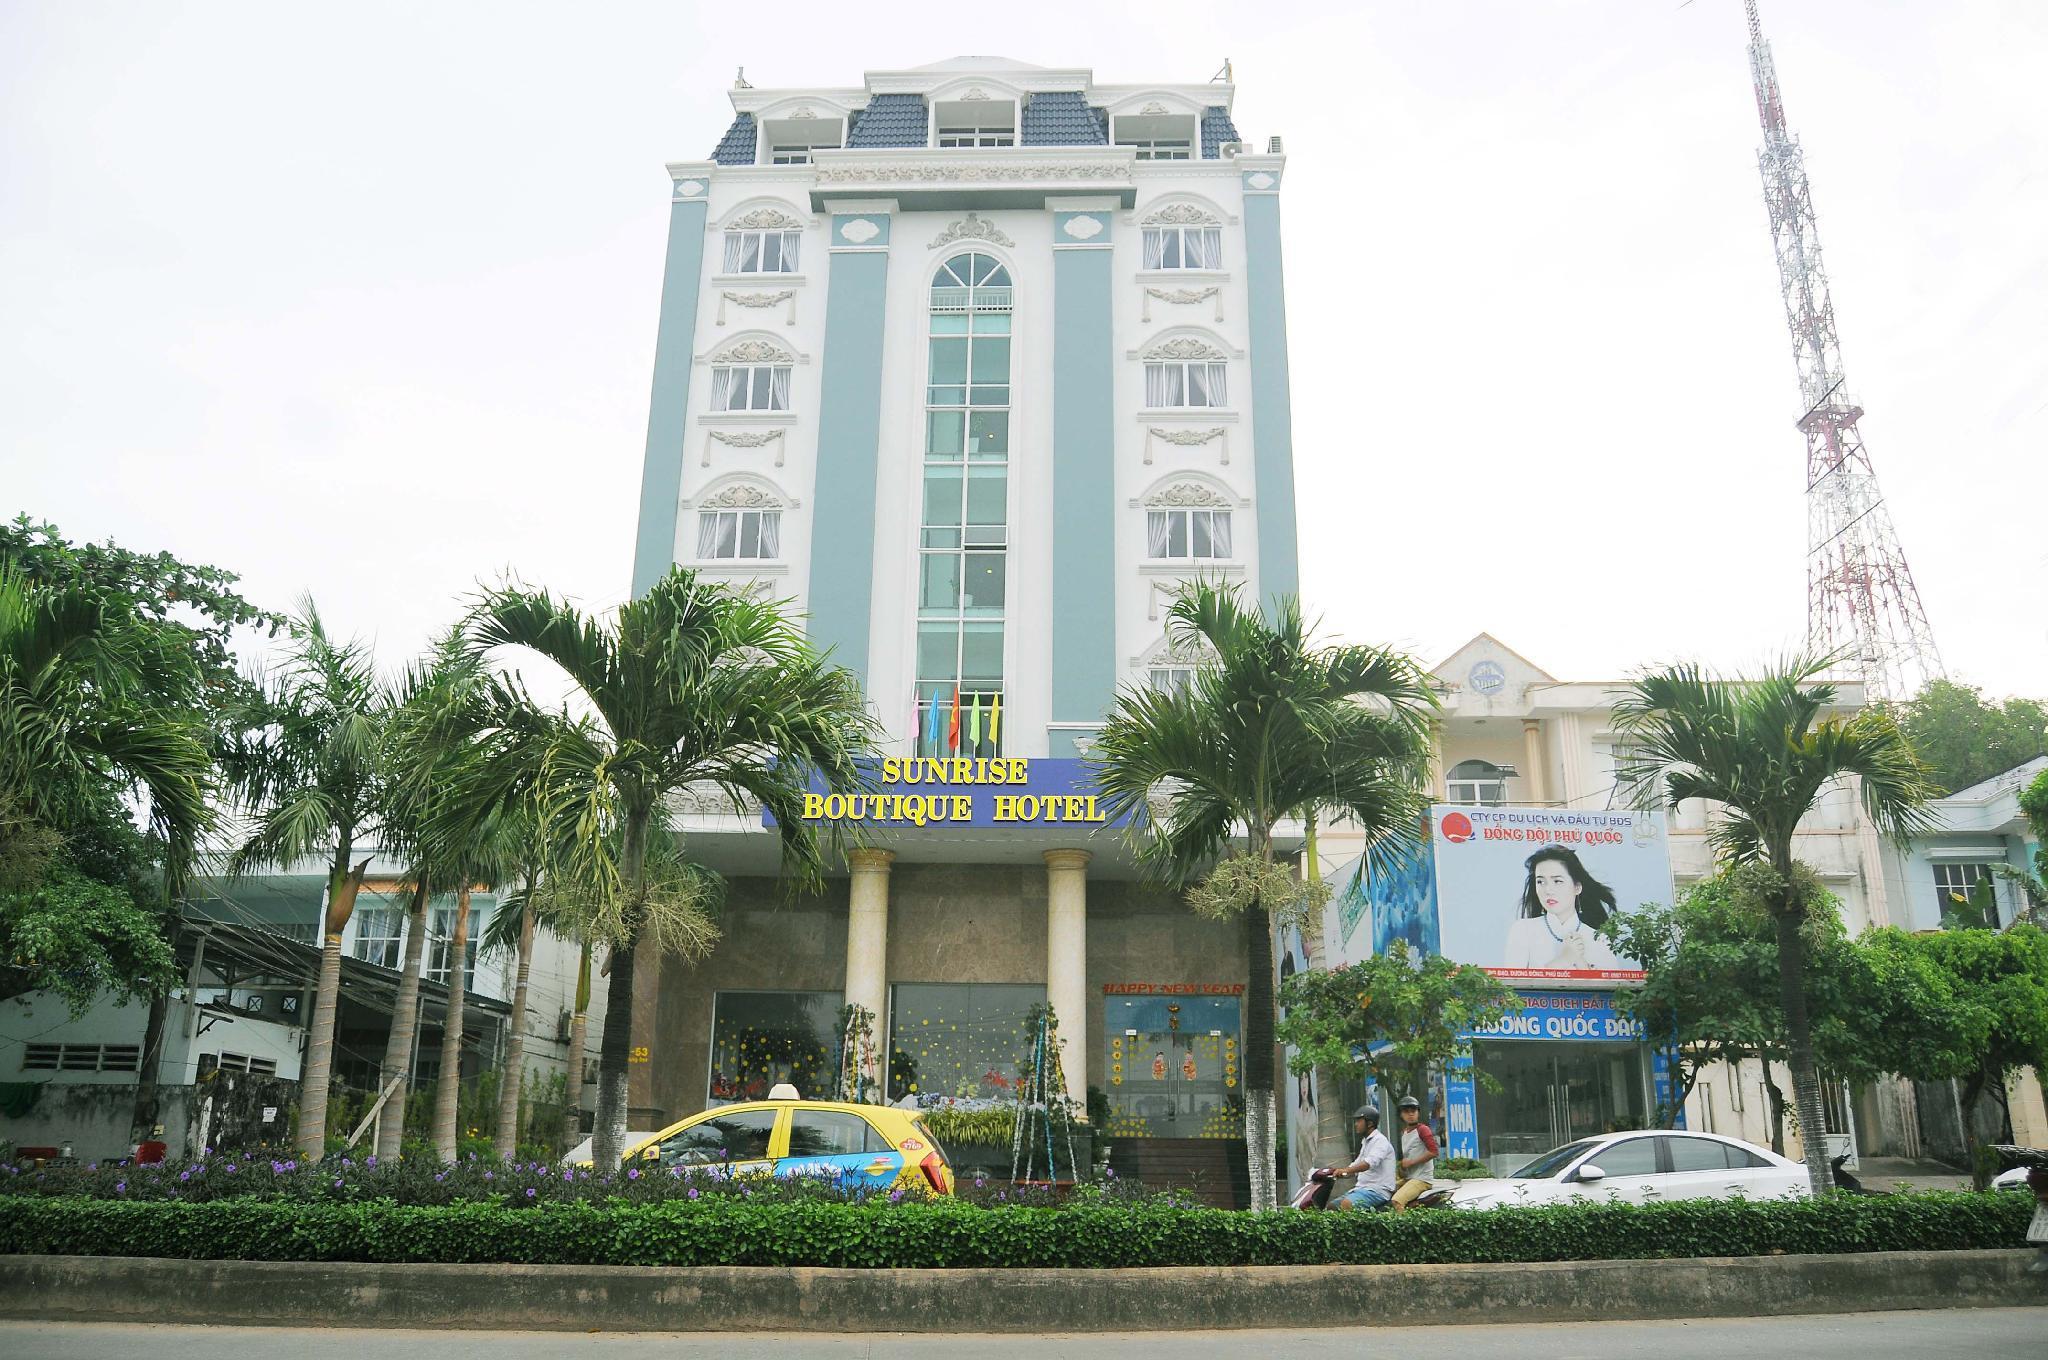 Khách Sạn Sunrise Boutique Phú Quốc   Đảo Phú Quốc ƯU ĐÃI CẬP NHẬT NĂM 2020 610842 ₫, Ảnh HD & Nhận Xét